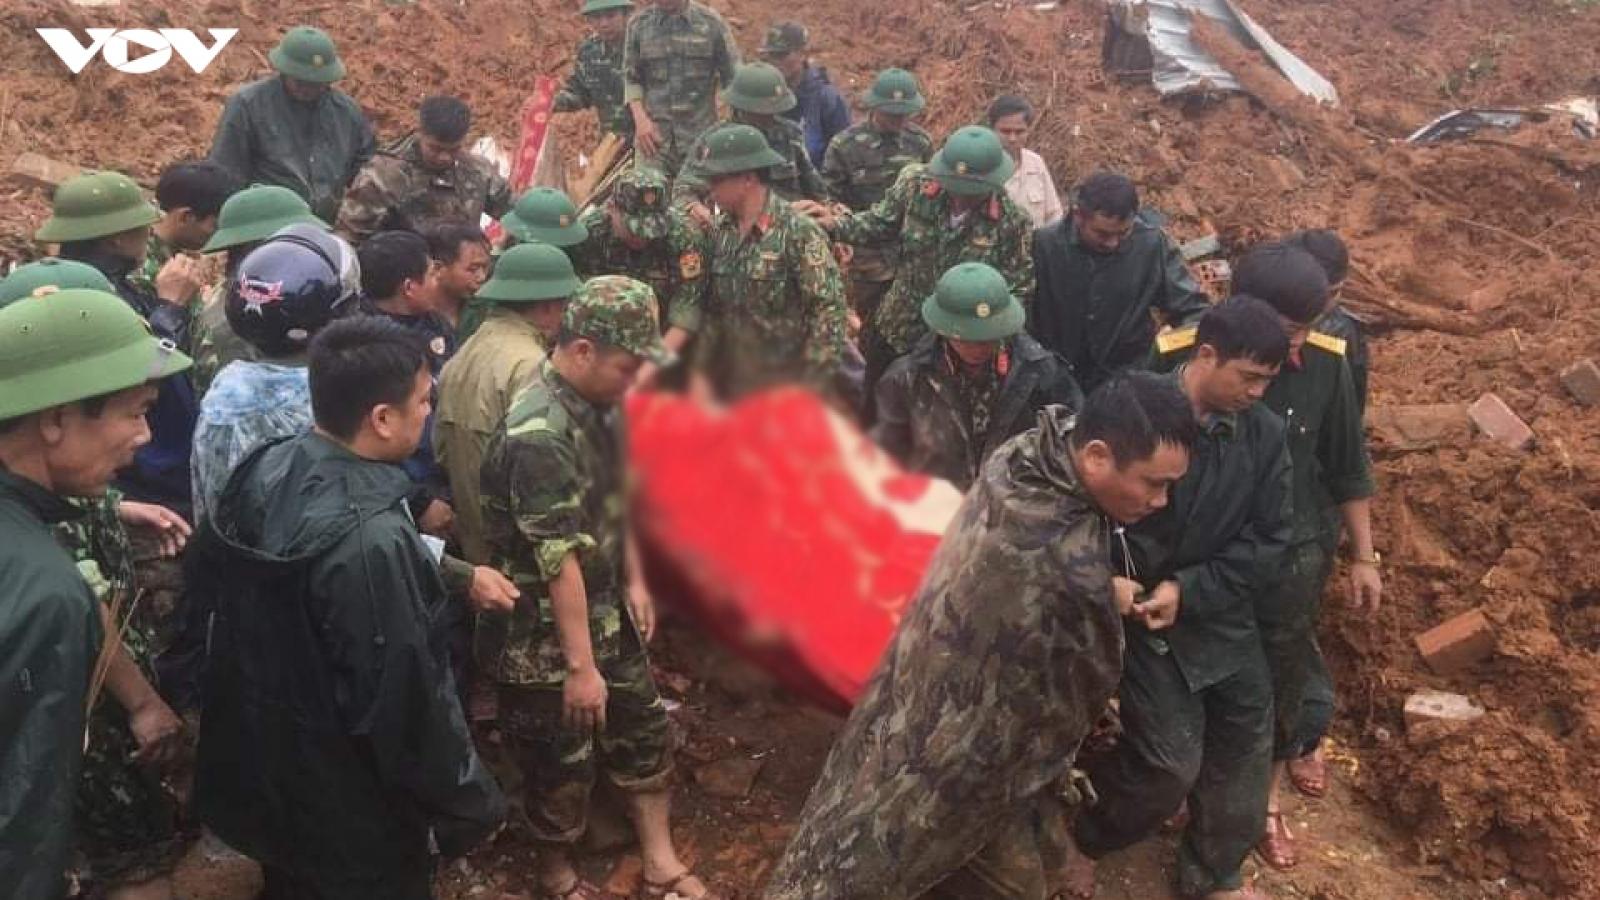 Một đoàn cứu hộ lại bị lũ cuốn ở Quảng Trị, 1 công an thiệt mạng và 4 cán bộ mất tích